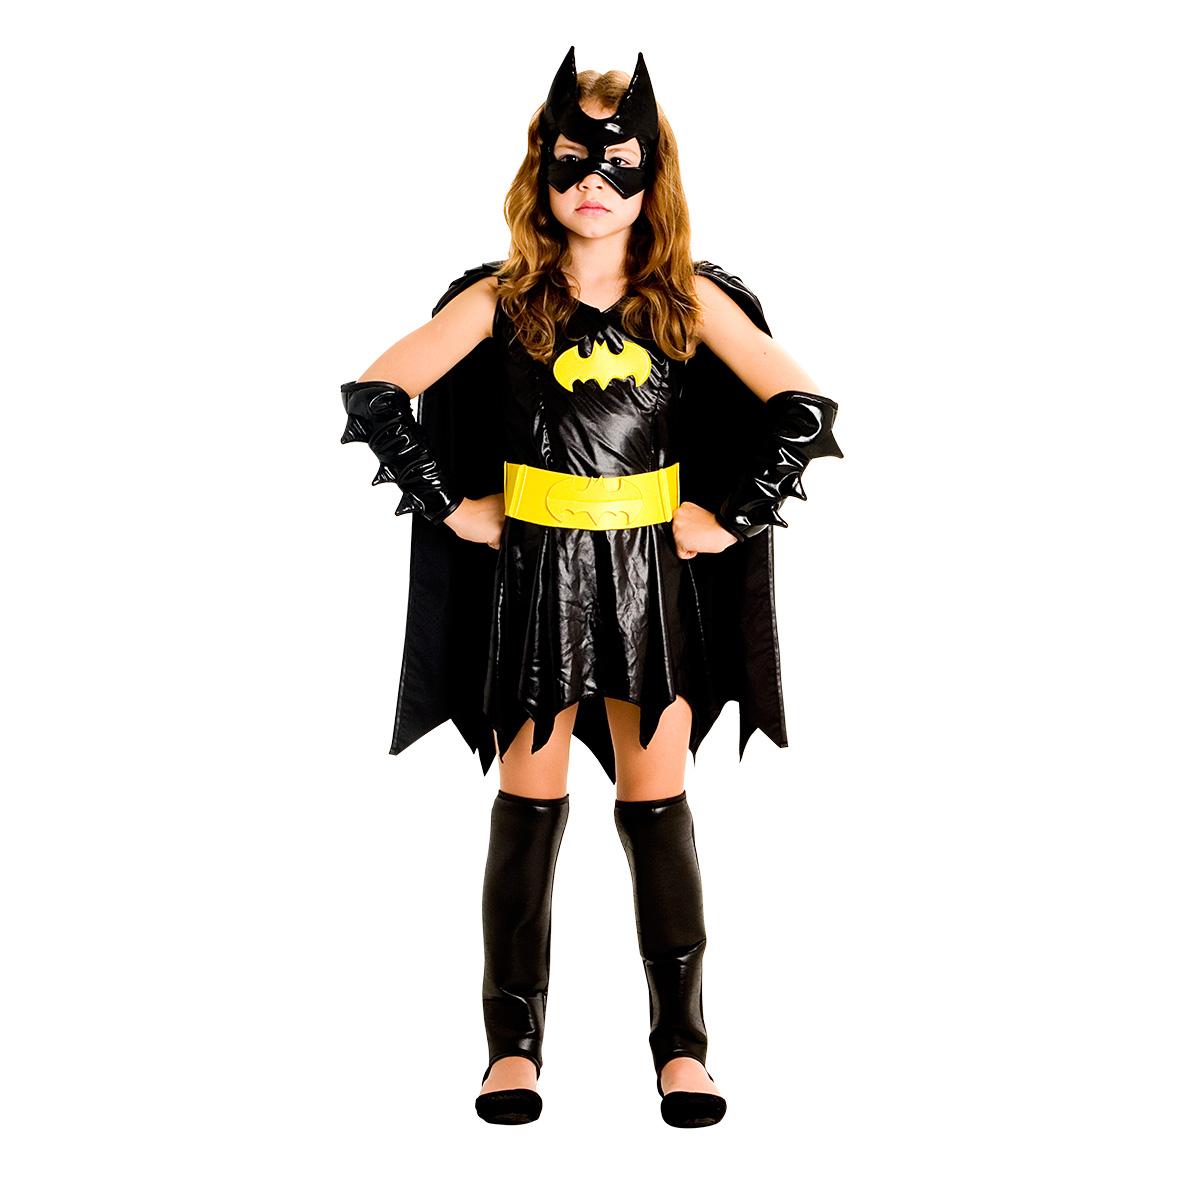 Fantasia Bat Girl Luxo  Tam P